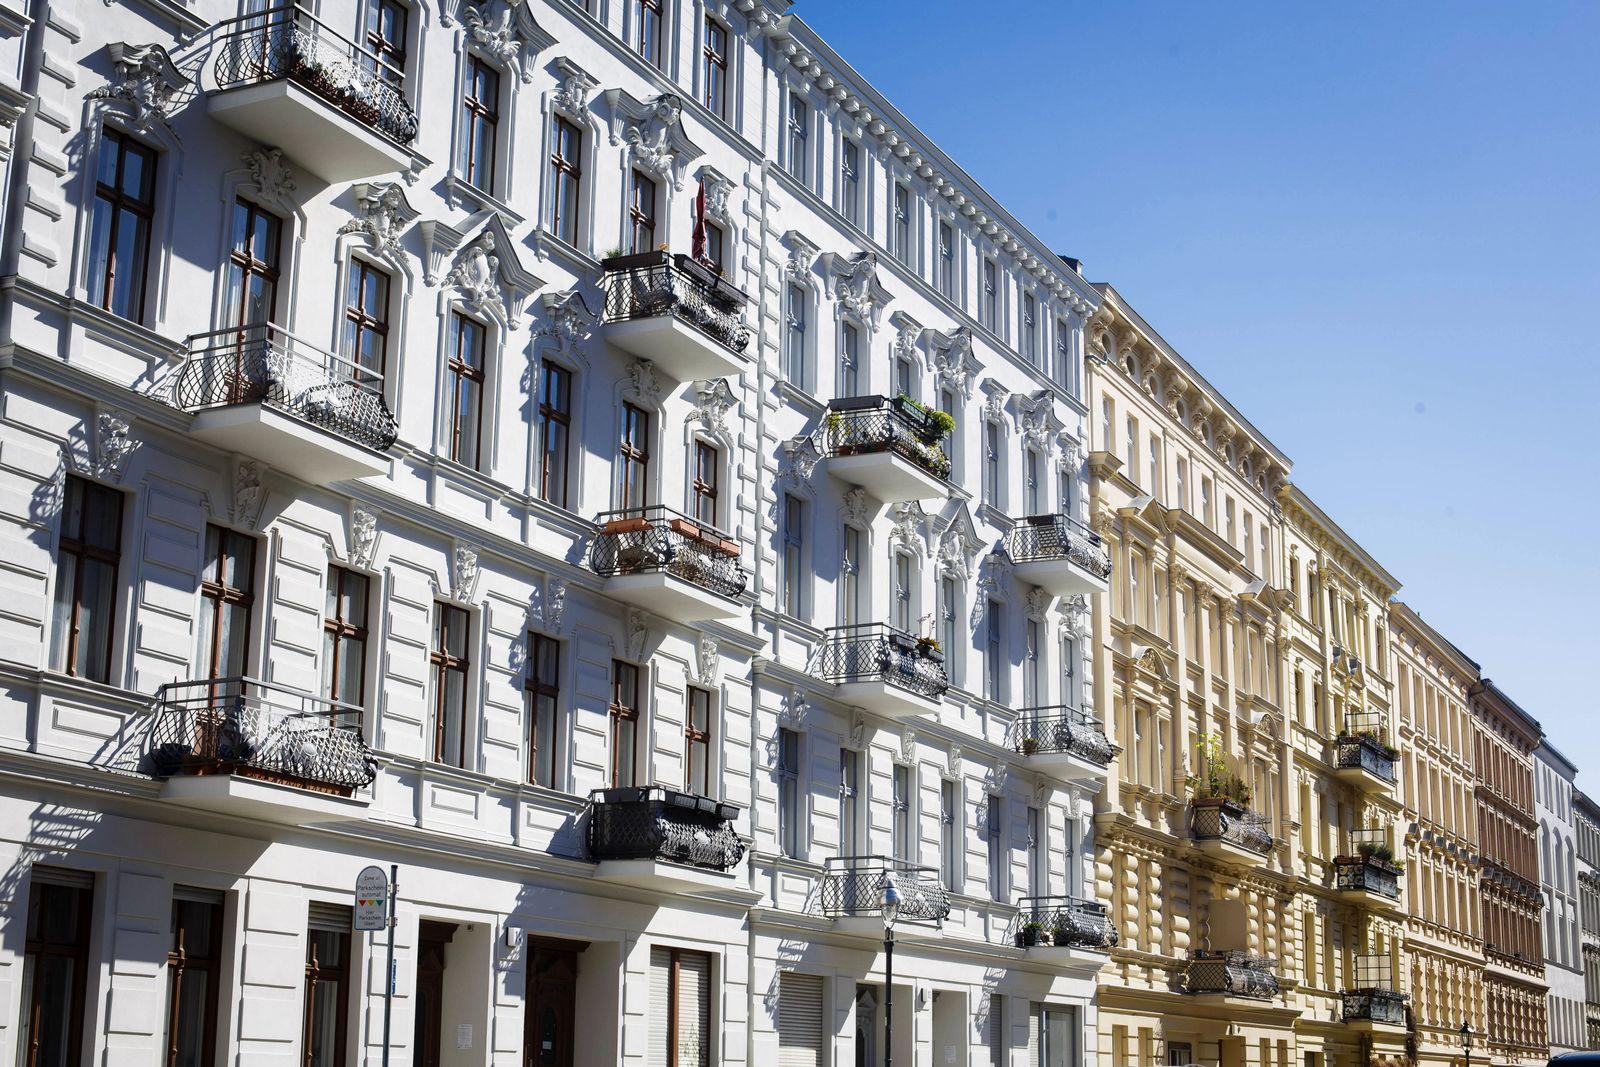 Altbauwohnungen / Immobilien / Wohnungen / Mietwohnungen / Berlin